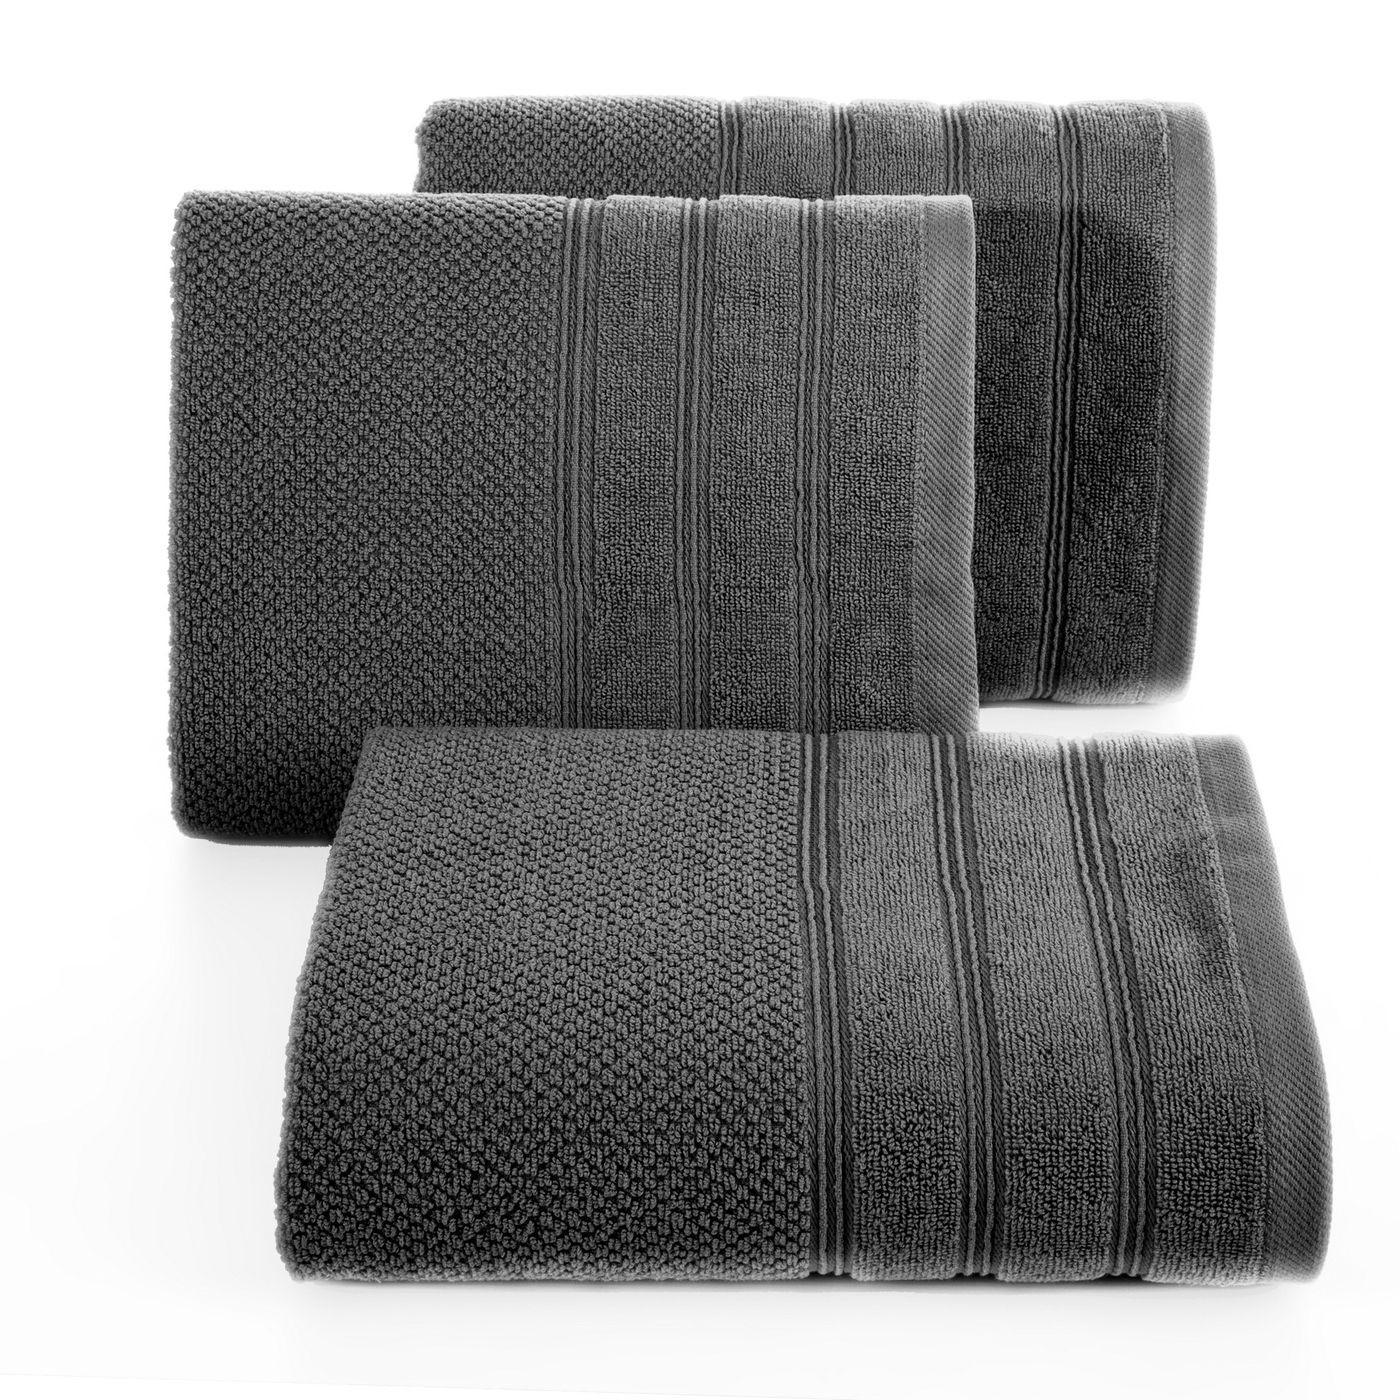 Bawełniany ręcznik kąpielowy frote stalowy 50x90